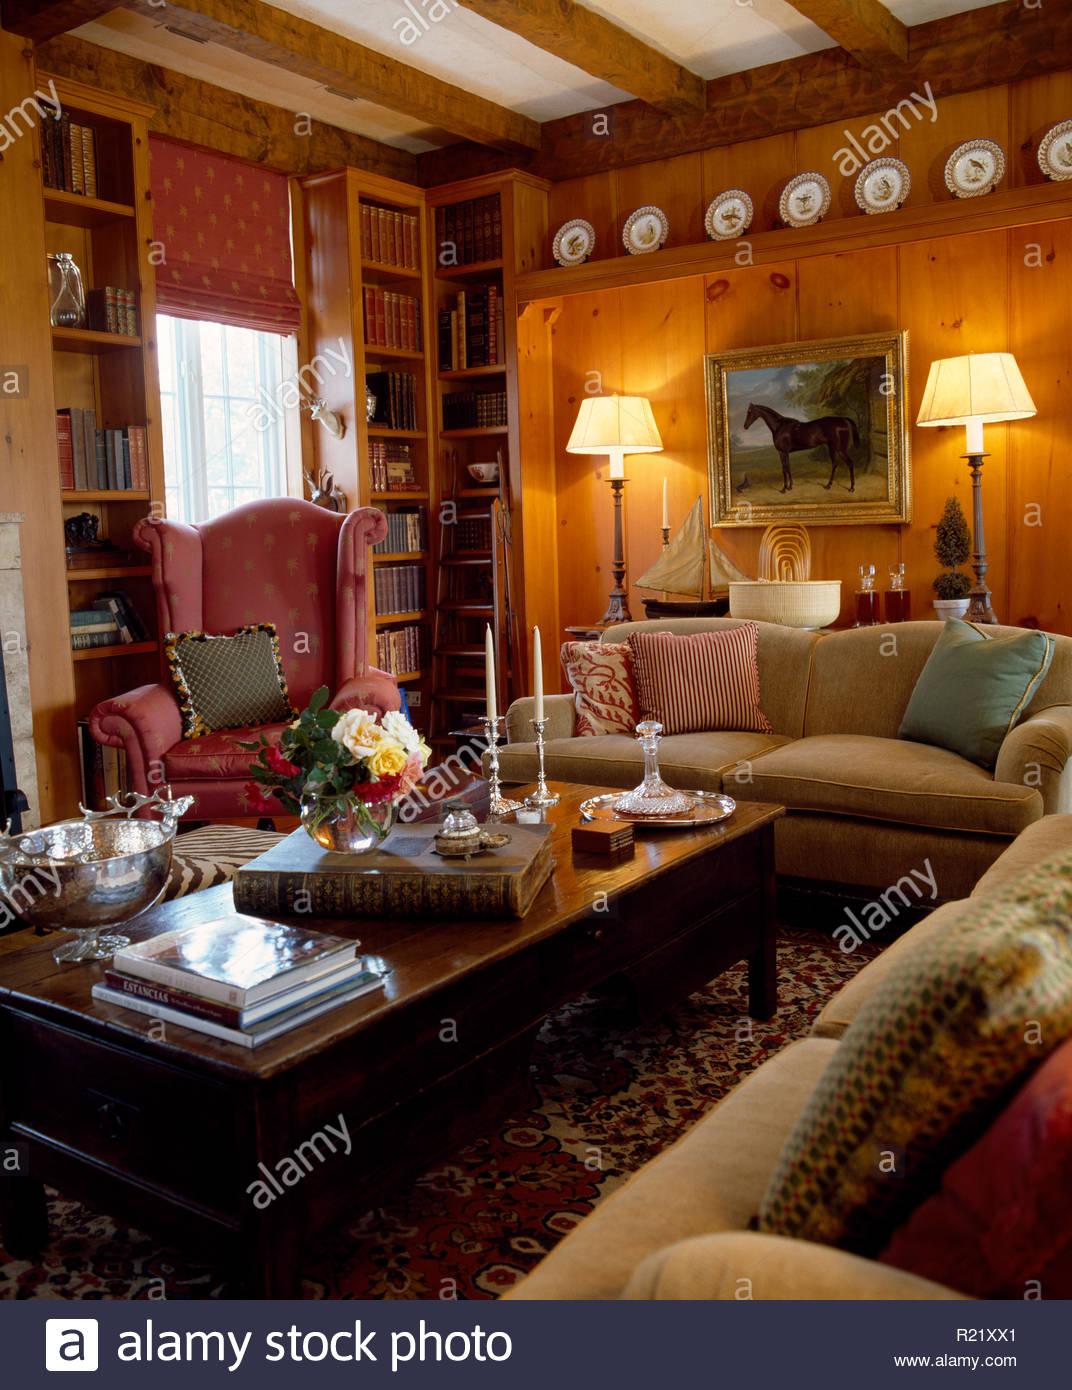 Full Size of Brennenden Lampen Und Holz Couchtisch Im Wohnzimmer Led Deckenleuchte Badezimmer Stehlampen Deckenlampen Teppiche Board Landhausstil Kamin Teppich Wohnzimmer Lampen Wohnzimmer